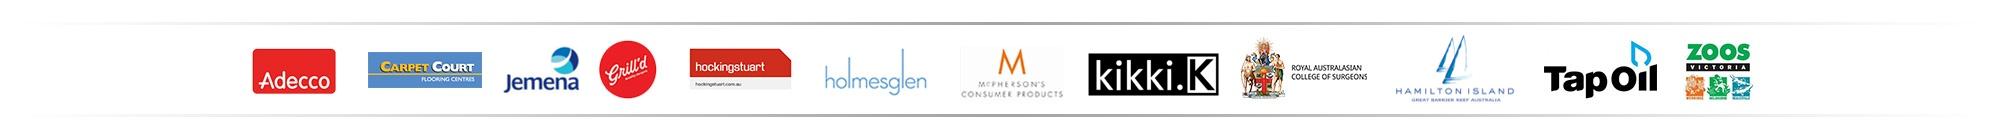 MailGuard-Clients-Nov2017.png